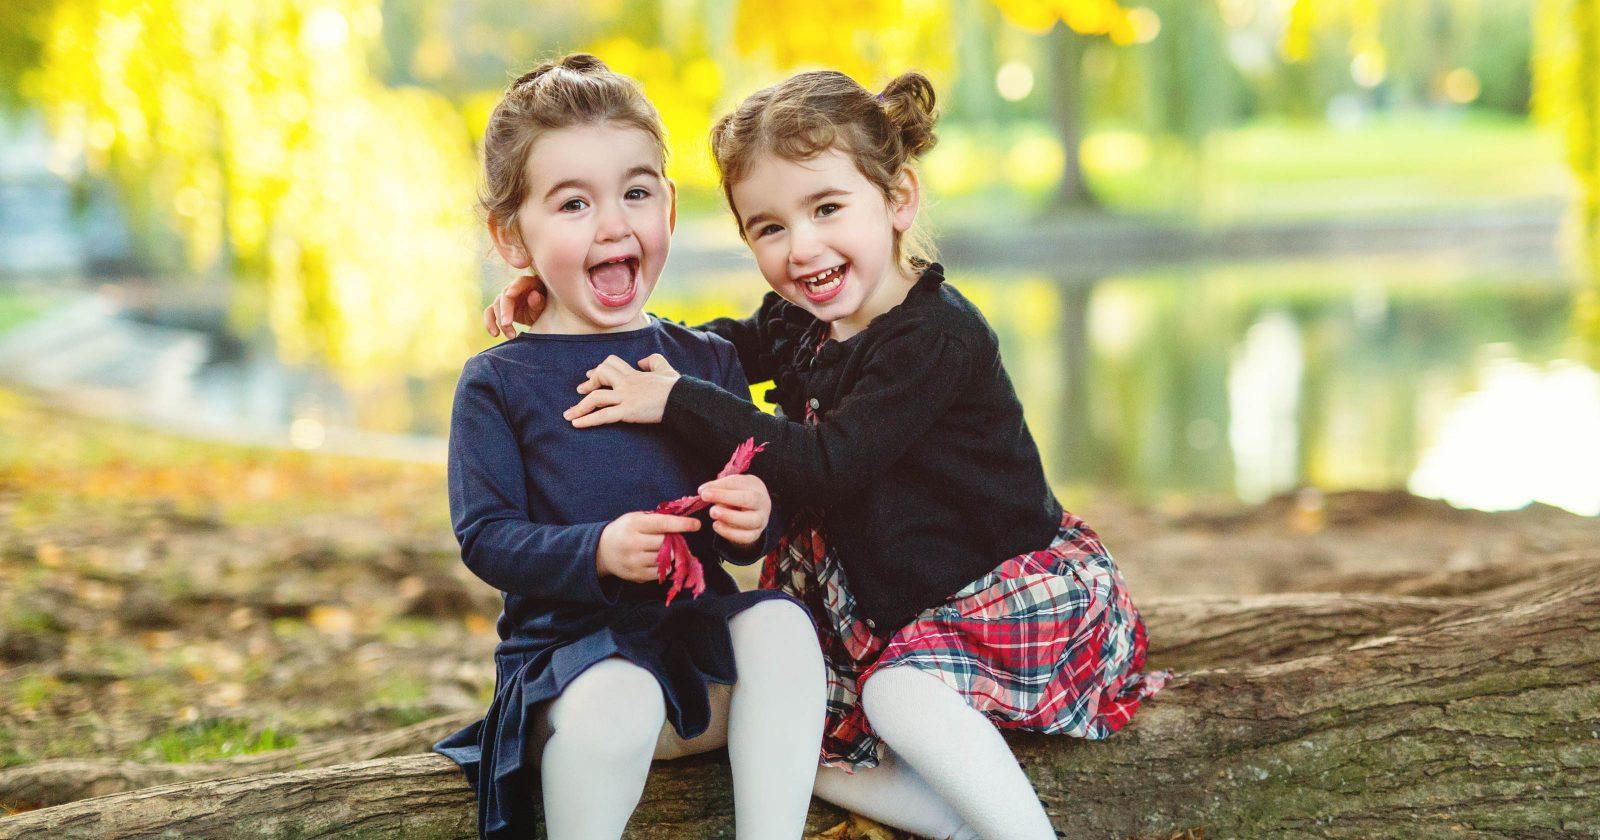 Family Photos at the Boston Public Garden!